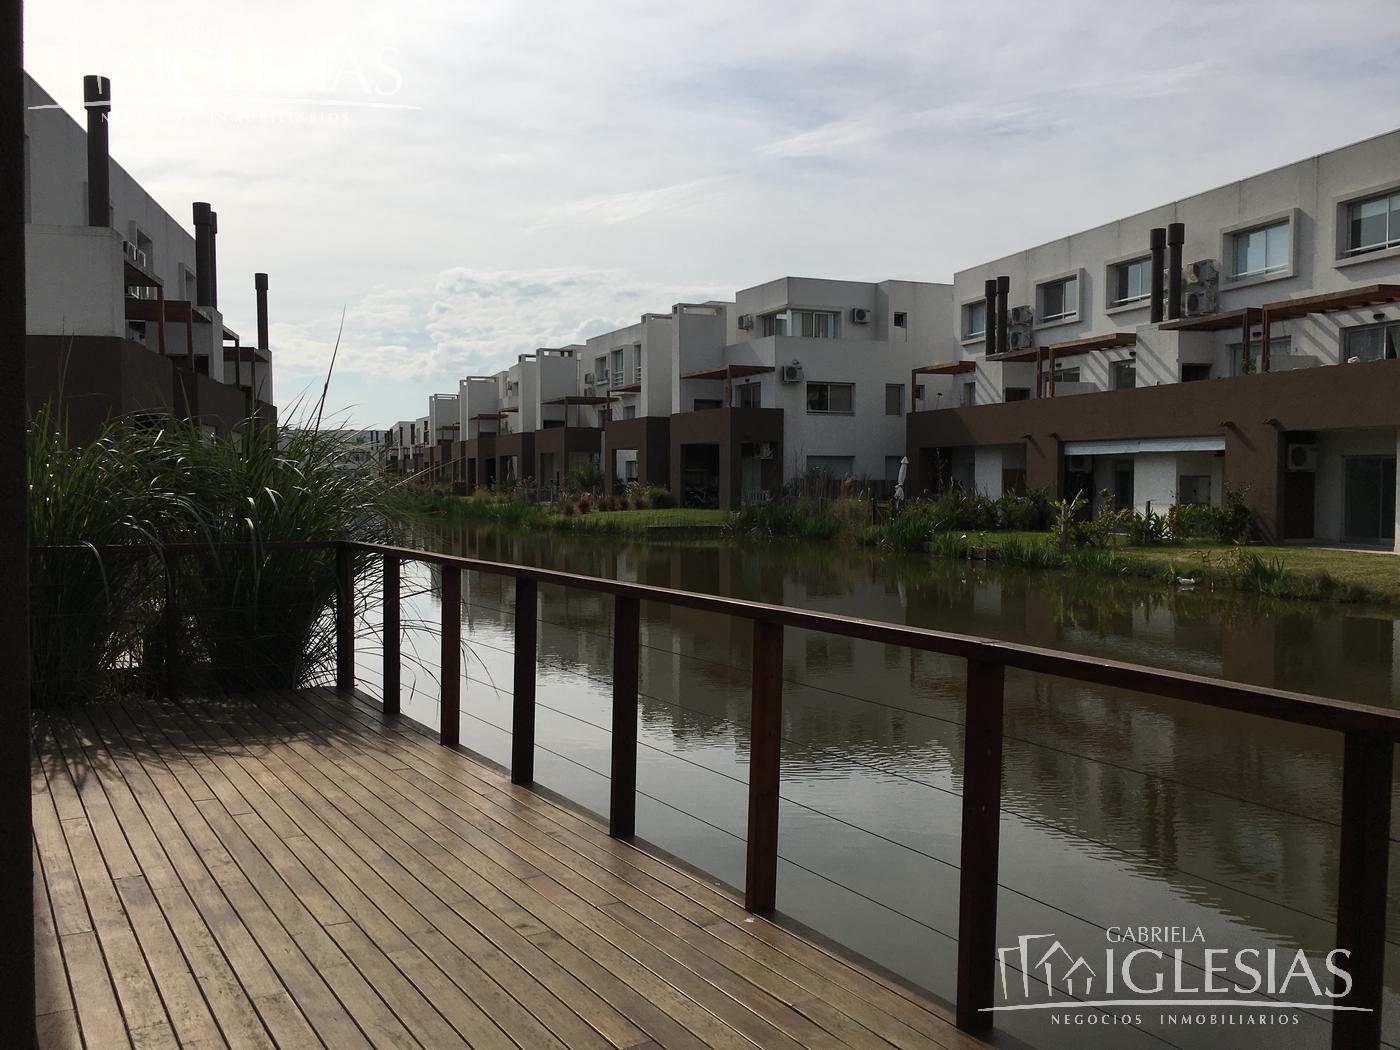 Departamento en Venta Alquiler en Lago del Sendero a Venta - u$s 238.000 Alquiler - $ 16.700